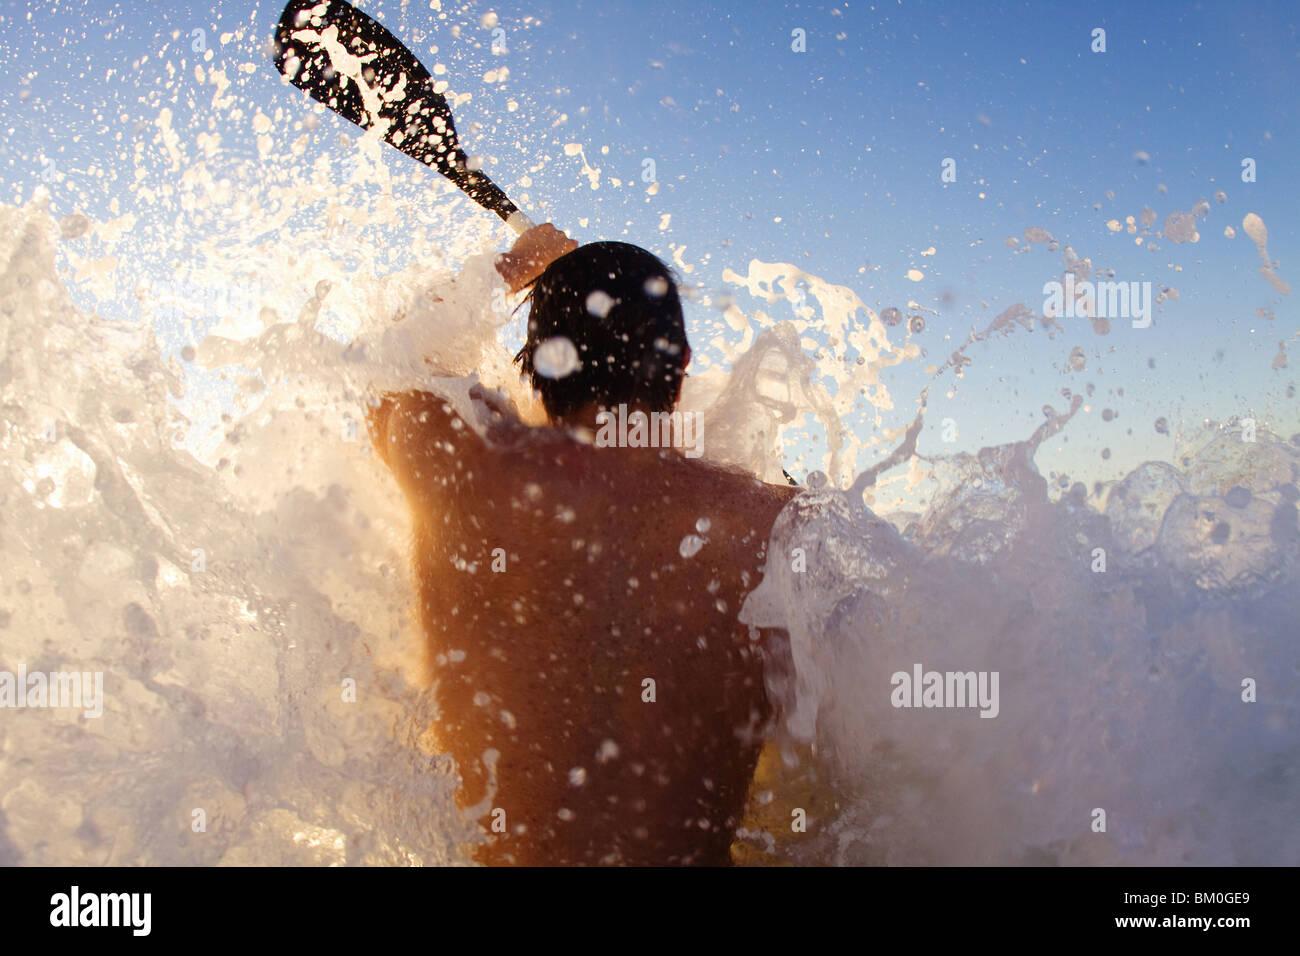 Joven en kayak en alta onda, Sun Coast Beach, Durban, Provincia de KwaZulu-Natal, Sudáfrica Imagen De Stock